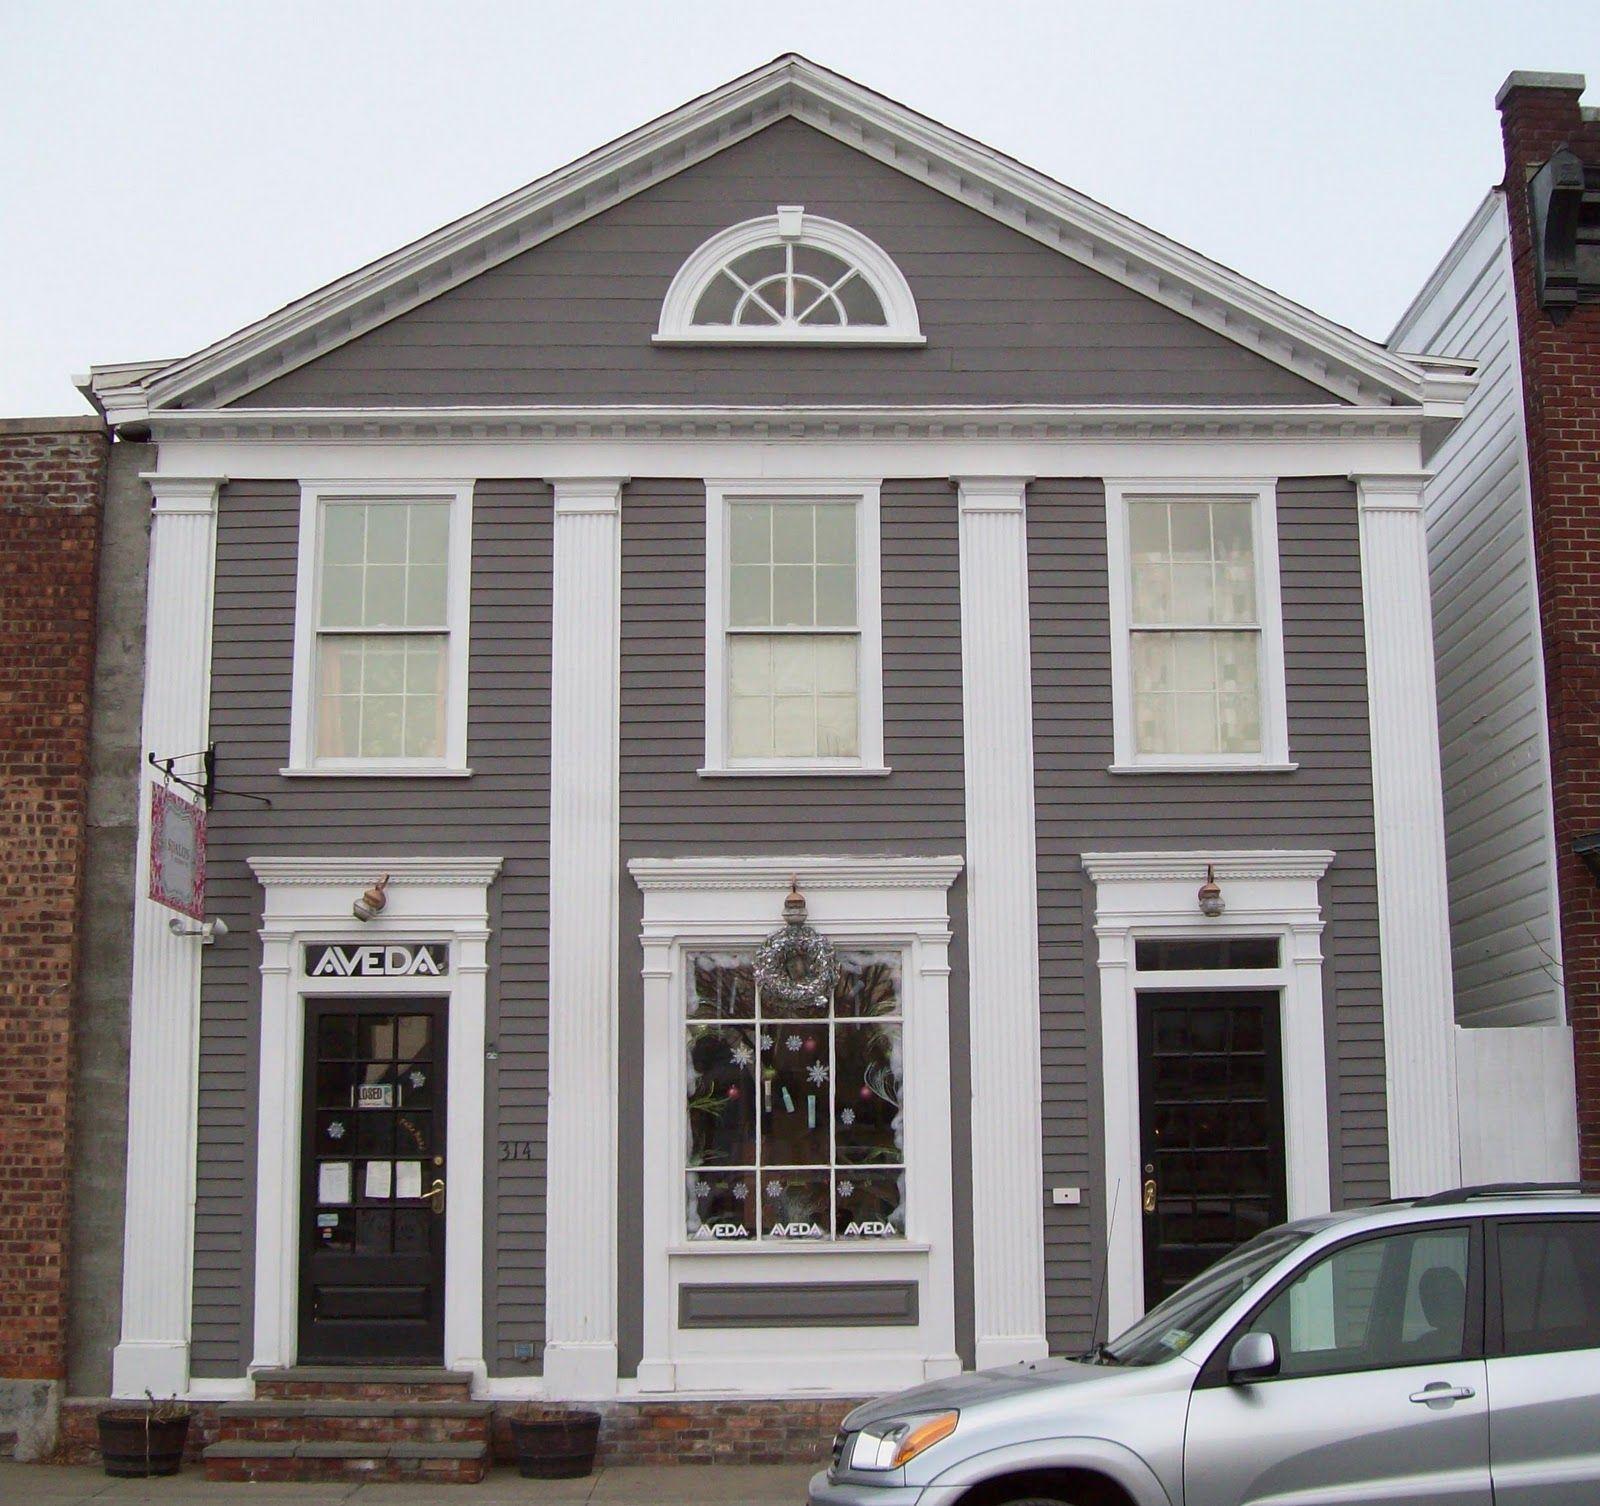 Exterior House Trim: Exterior Window Trim Detail